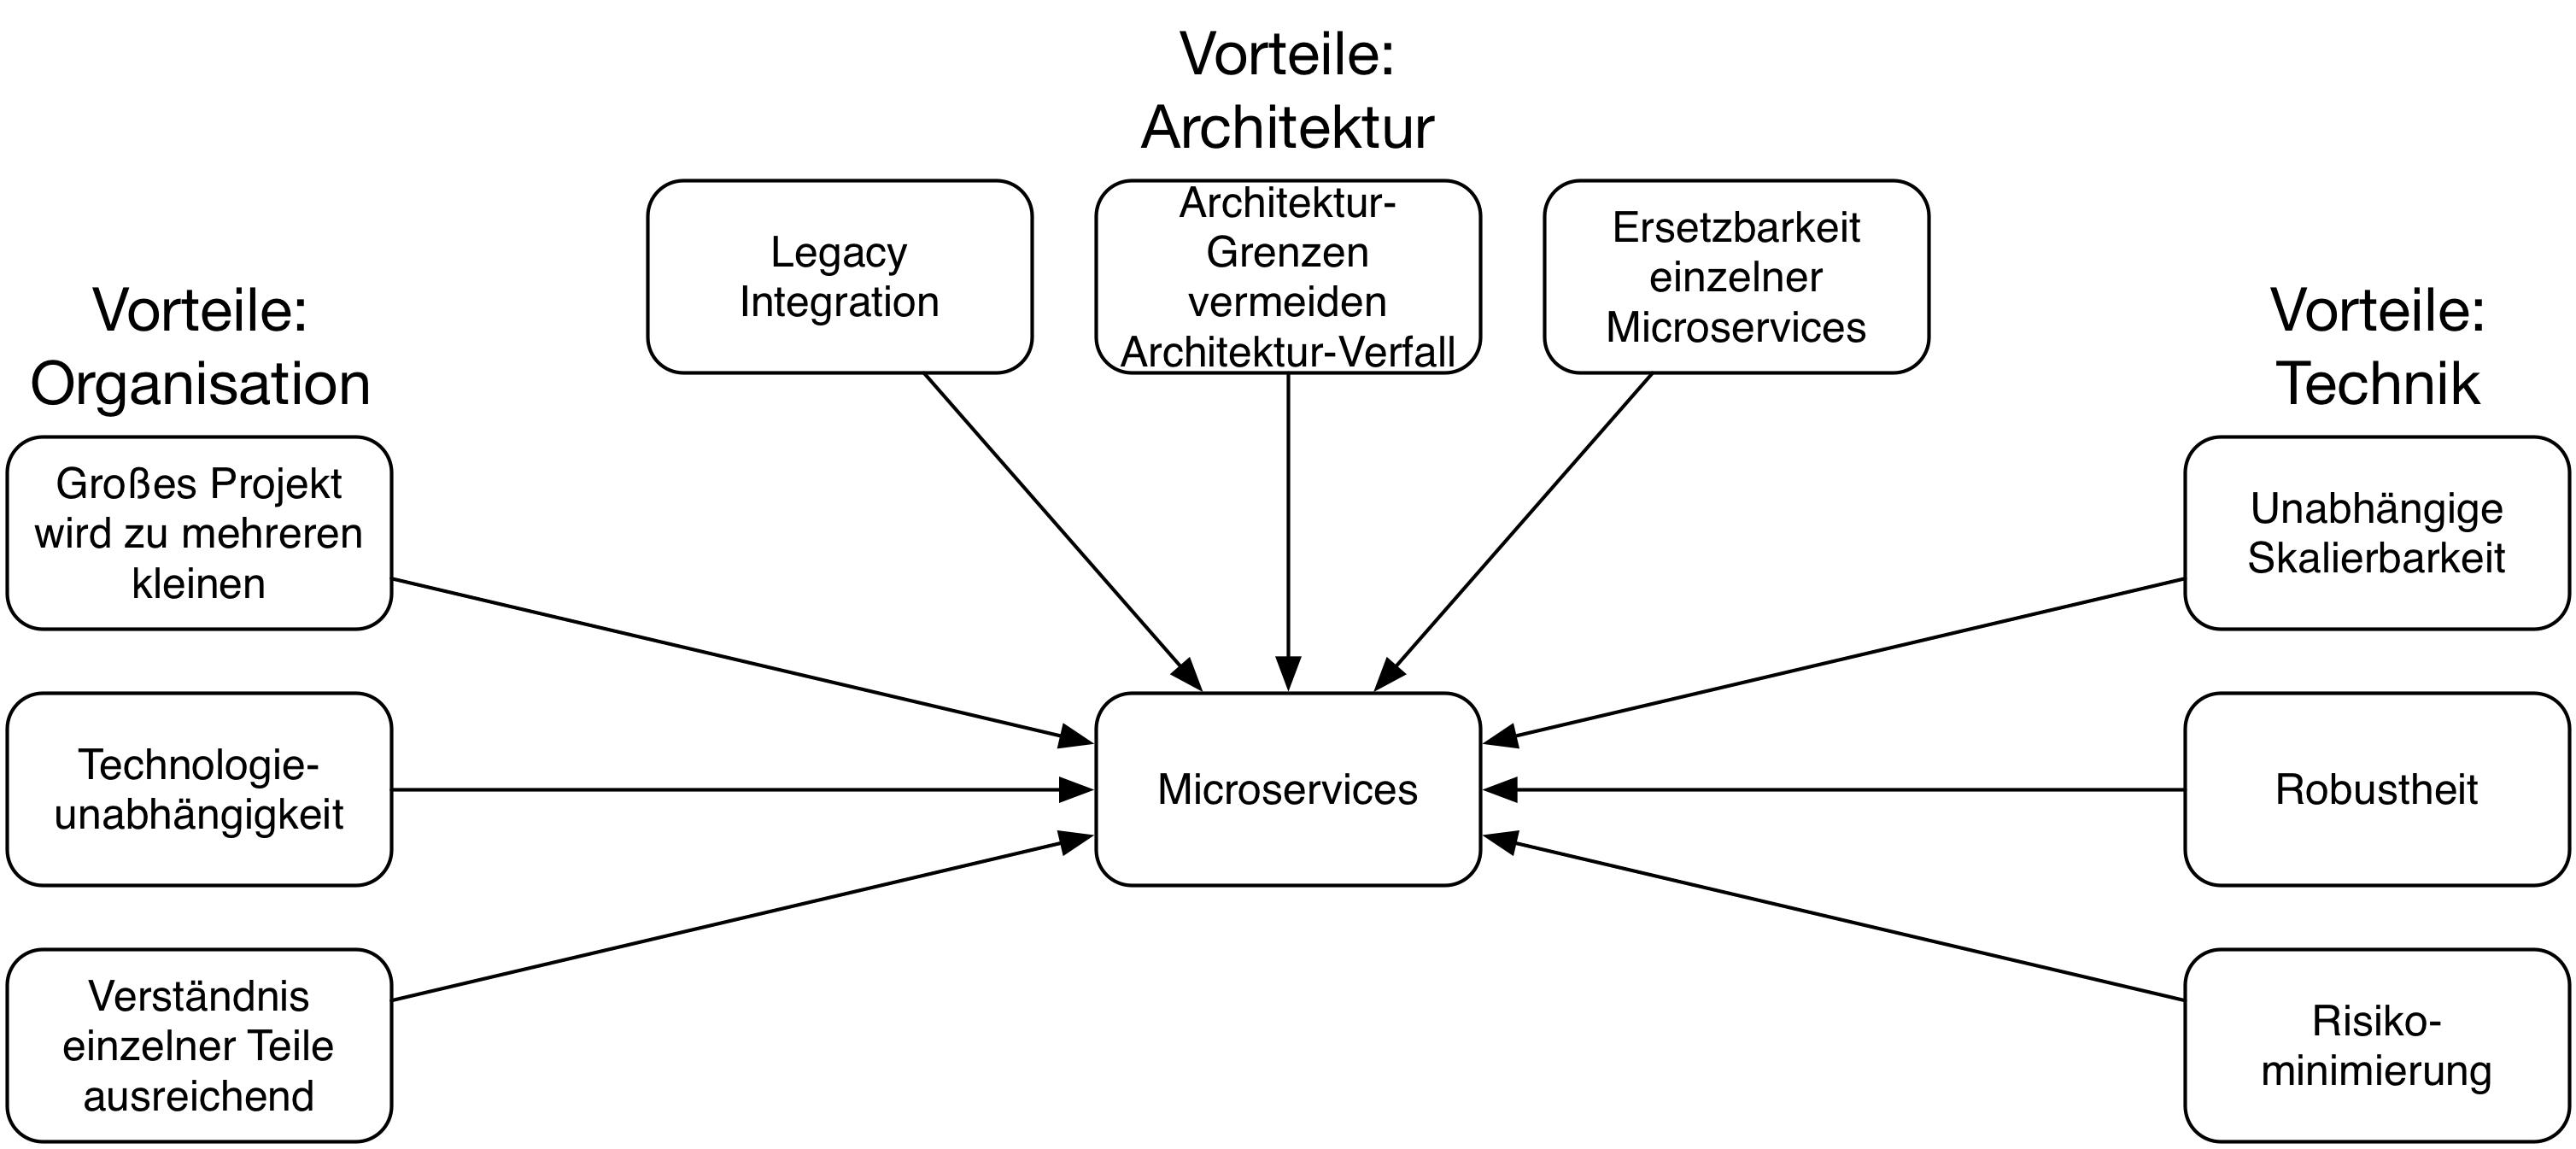 Abb. 1: Vorteile von Microservices